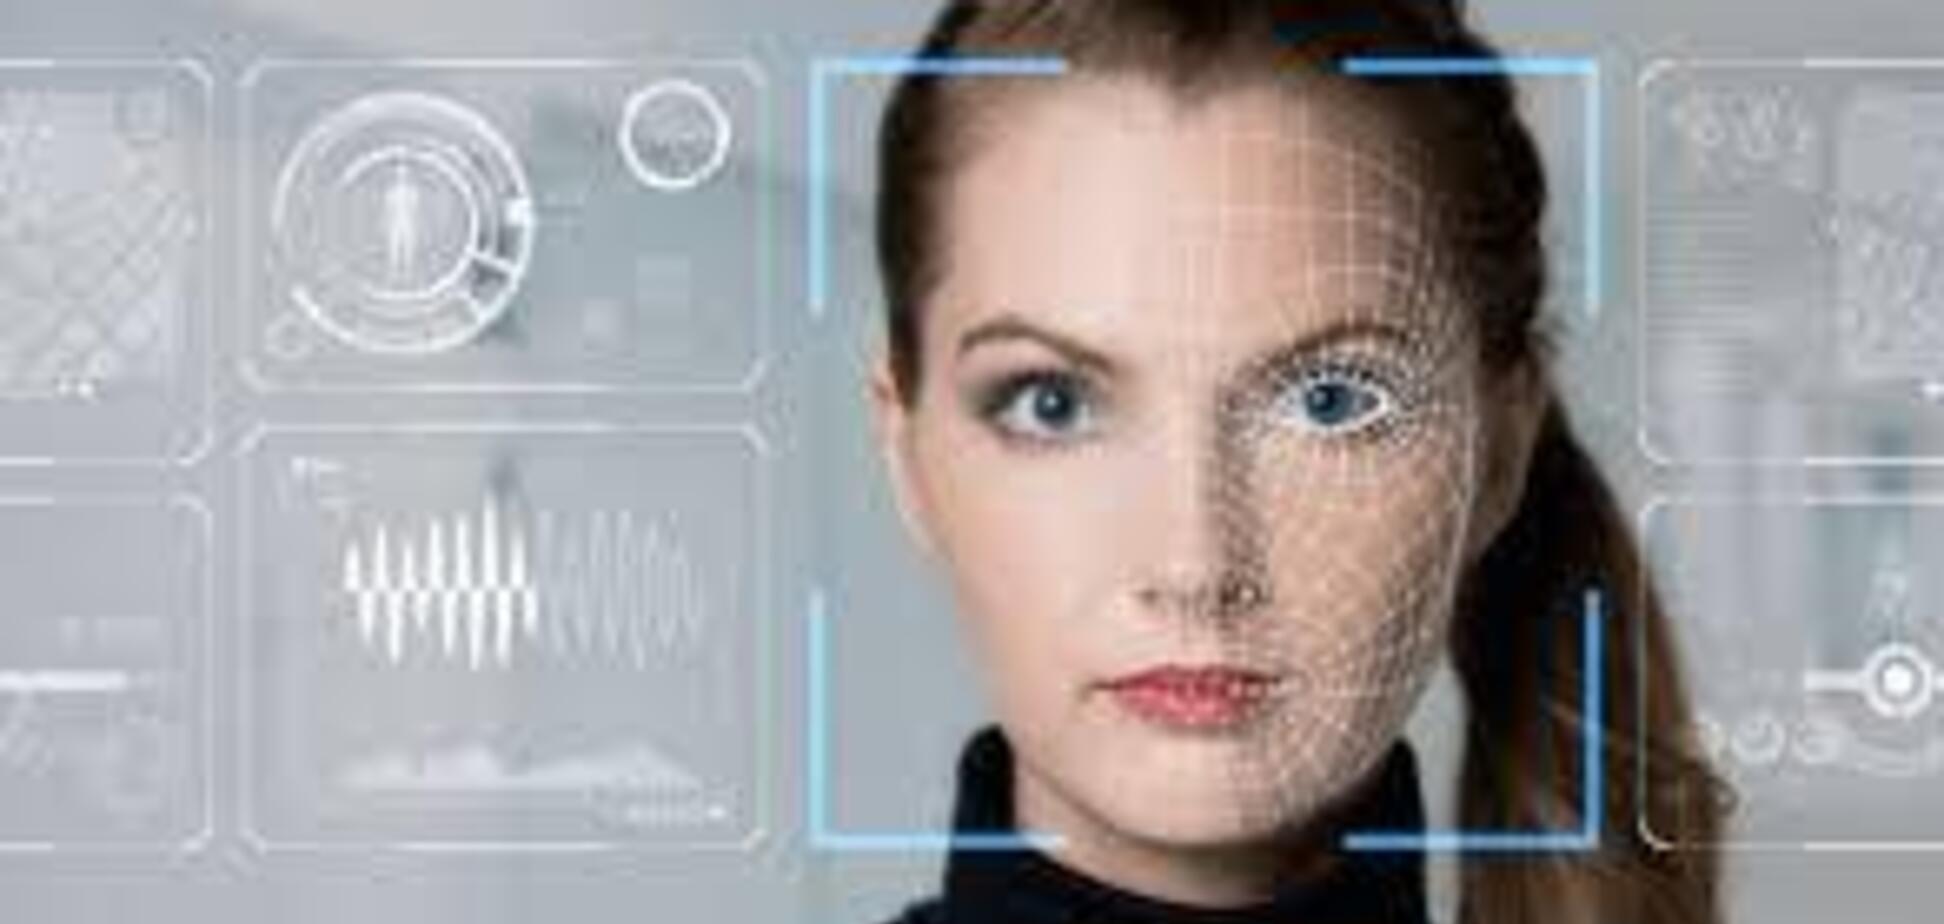 Cистема распознавания лиц уже помогает ловить преступников — The New York Times